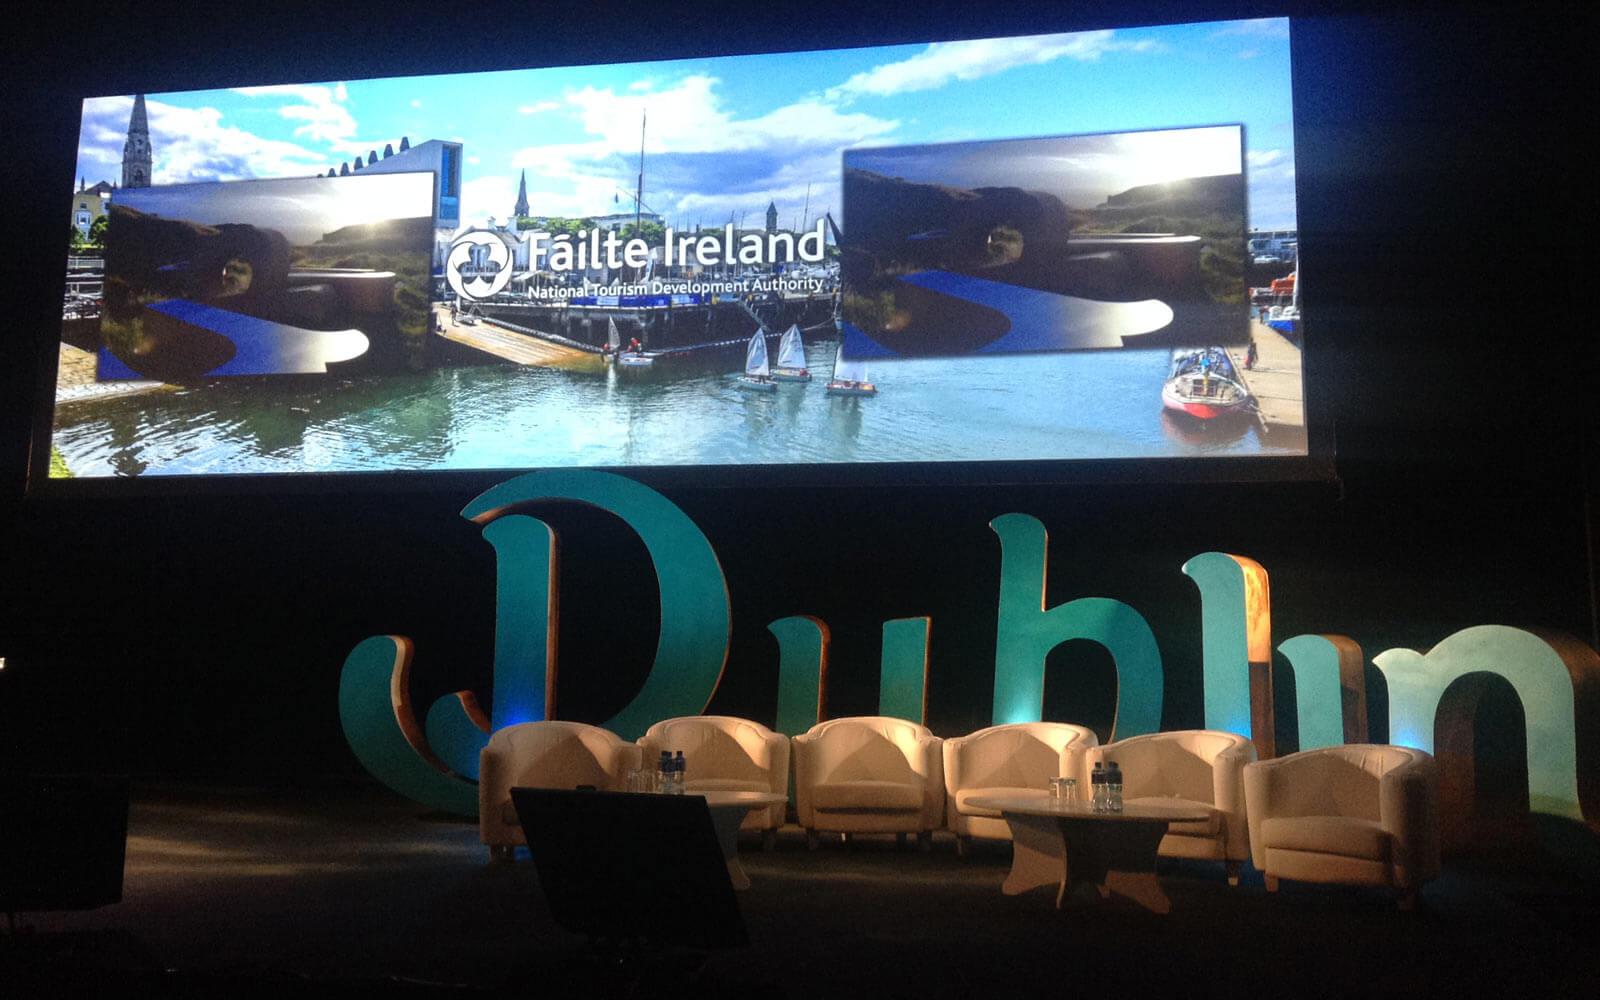 Vortrag einer Tourismusfirma in Irland